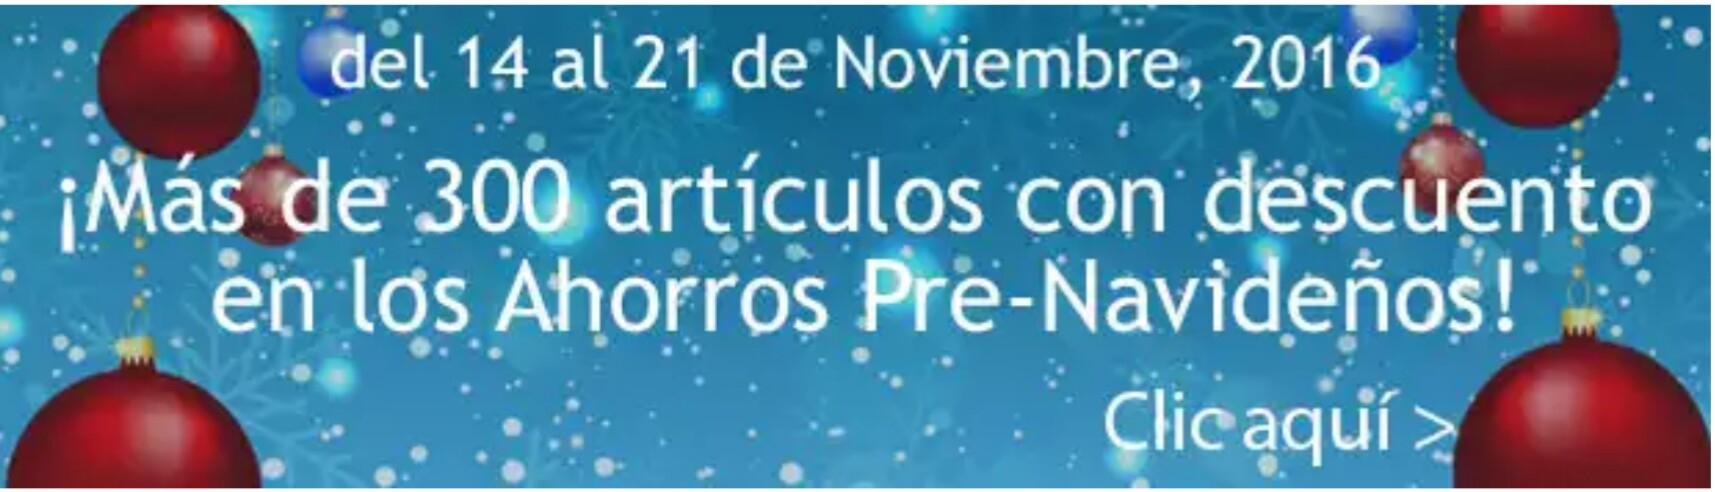 Costco: Ahorros Pre navideños del 14 al 21 de noviembre